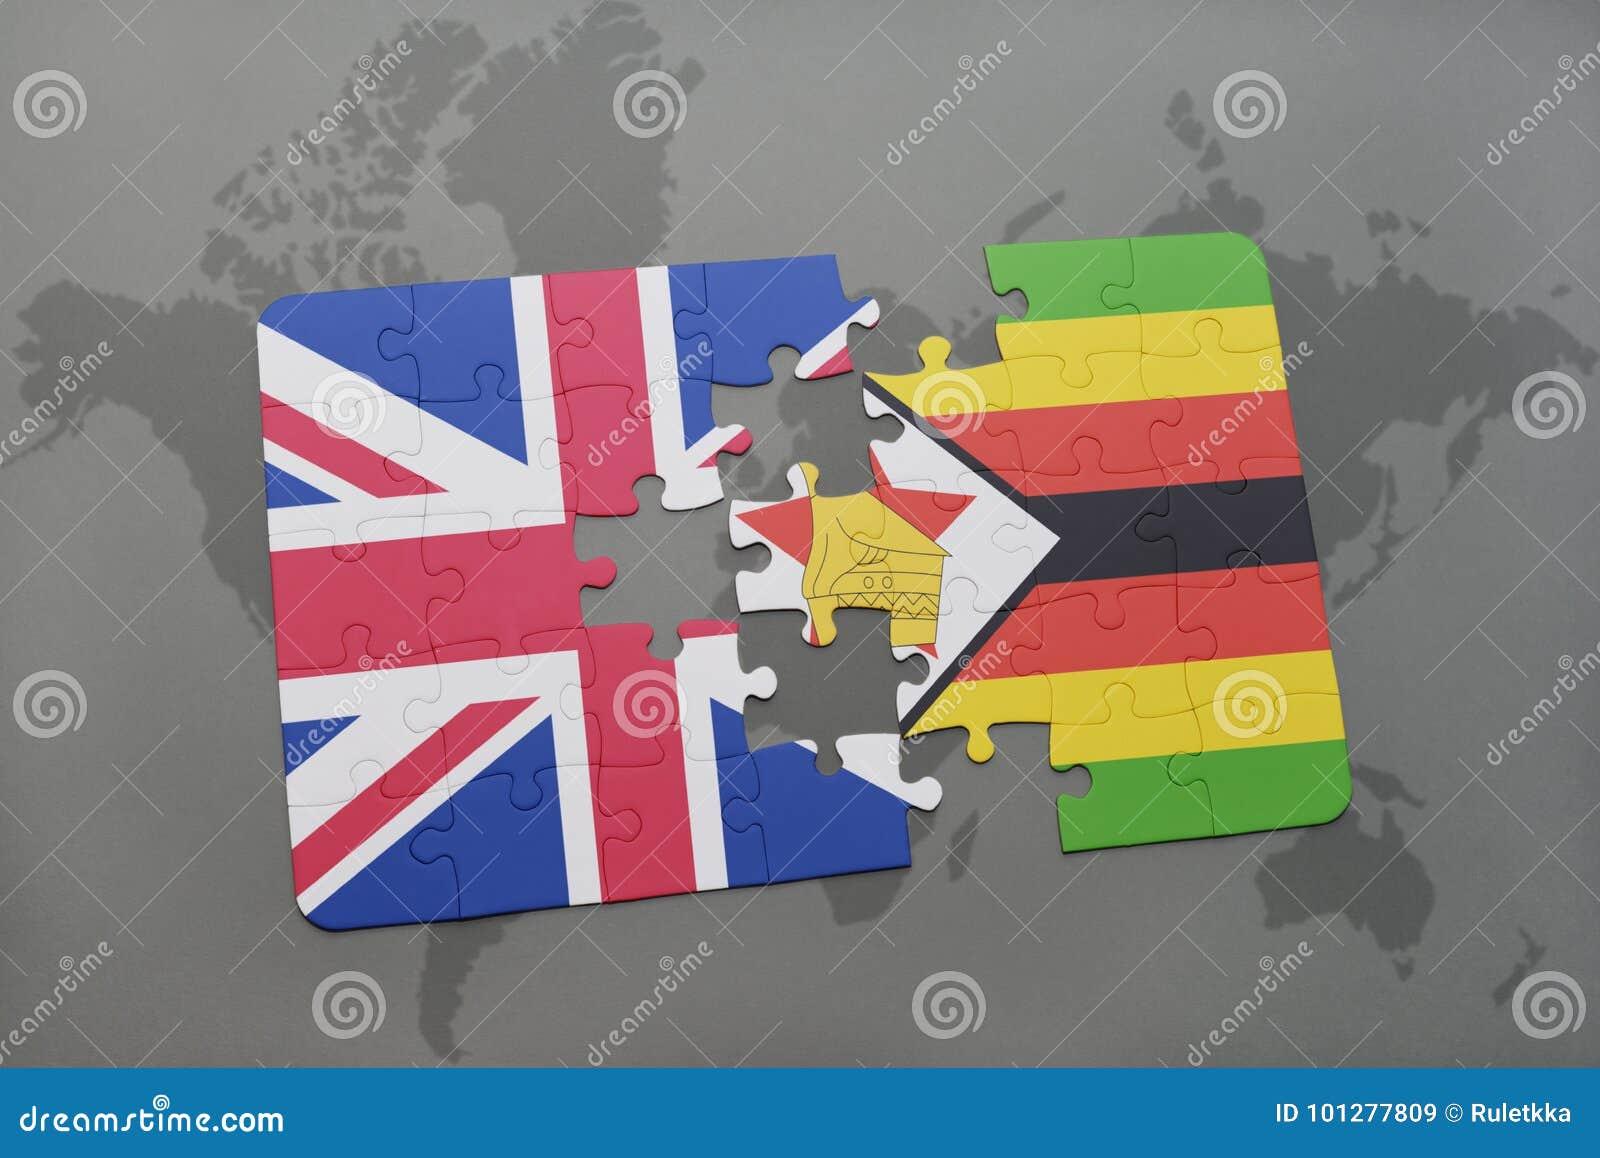 Great Zimbabwe World Map.Great Zimbabwe Stock Illustrations 16 Great Zimbabwe Stock